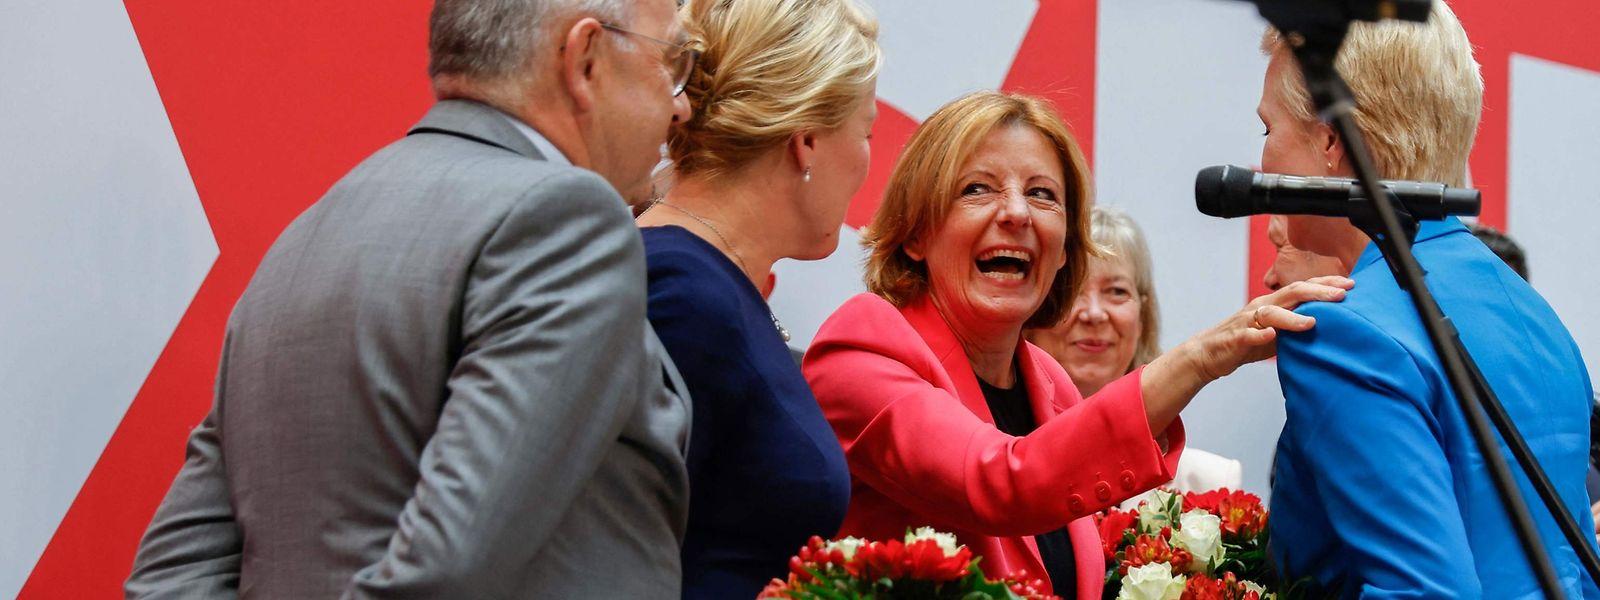 SPD-Ministerpräsidentin Malu Dreyer (Mitte) hat gut lachen: Ihre Partei schnitt auch in Rheinland-Pfalz sehr gut ab.